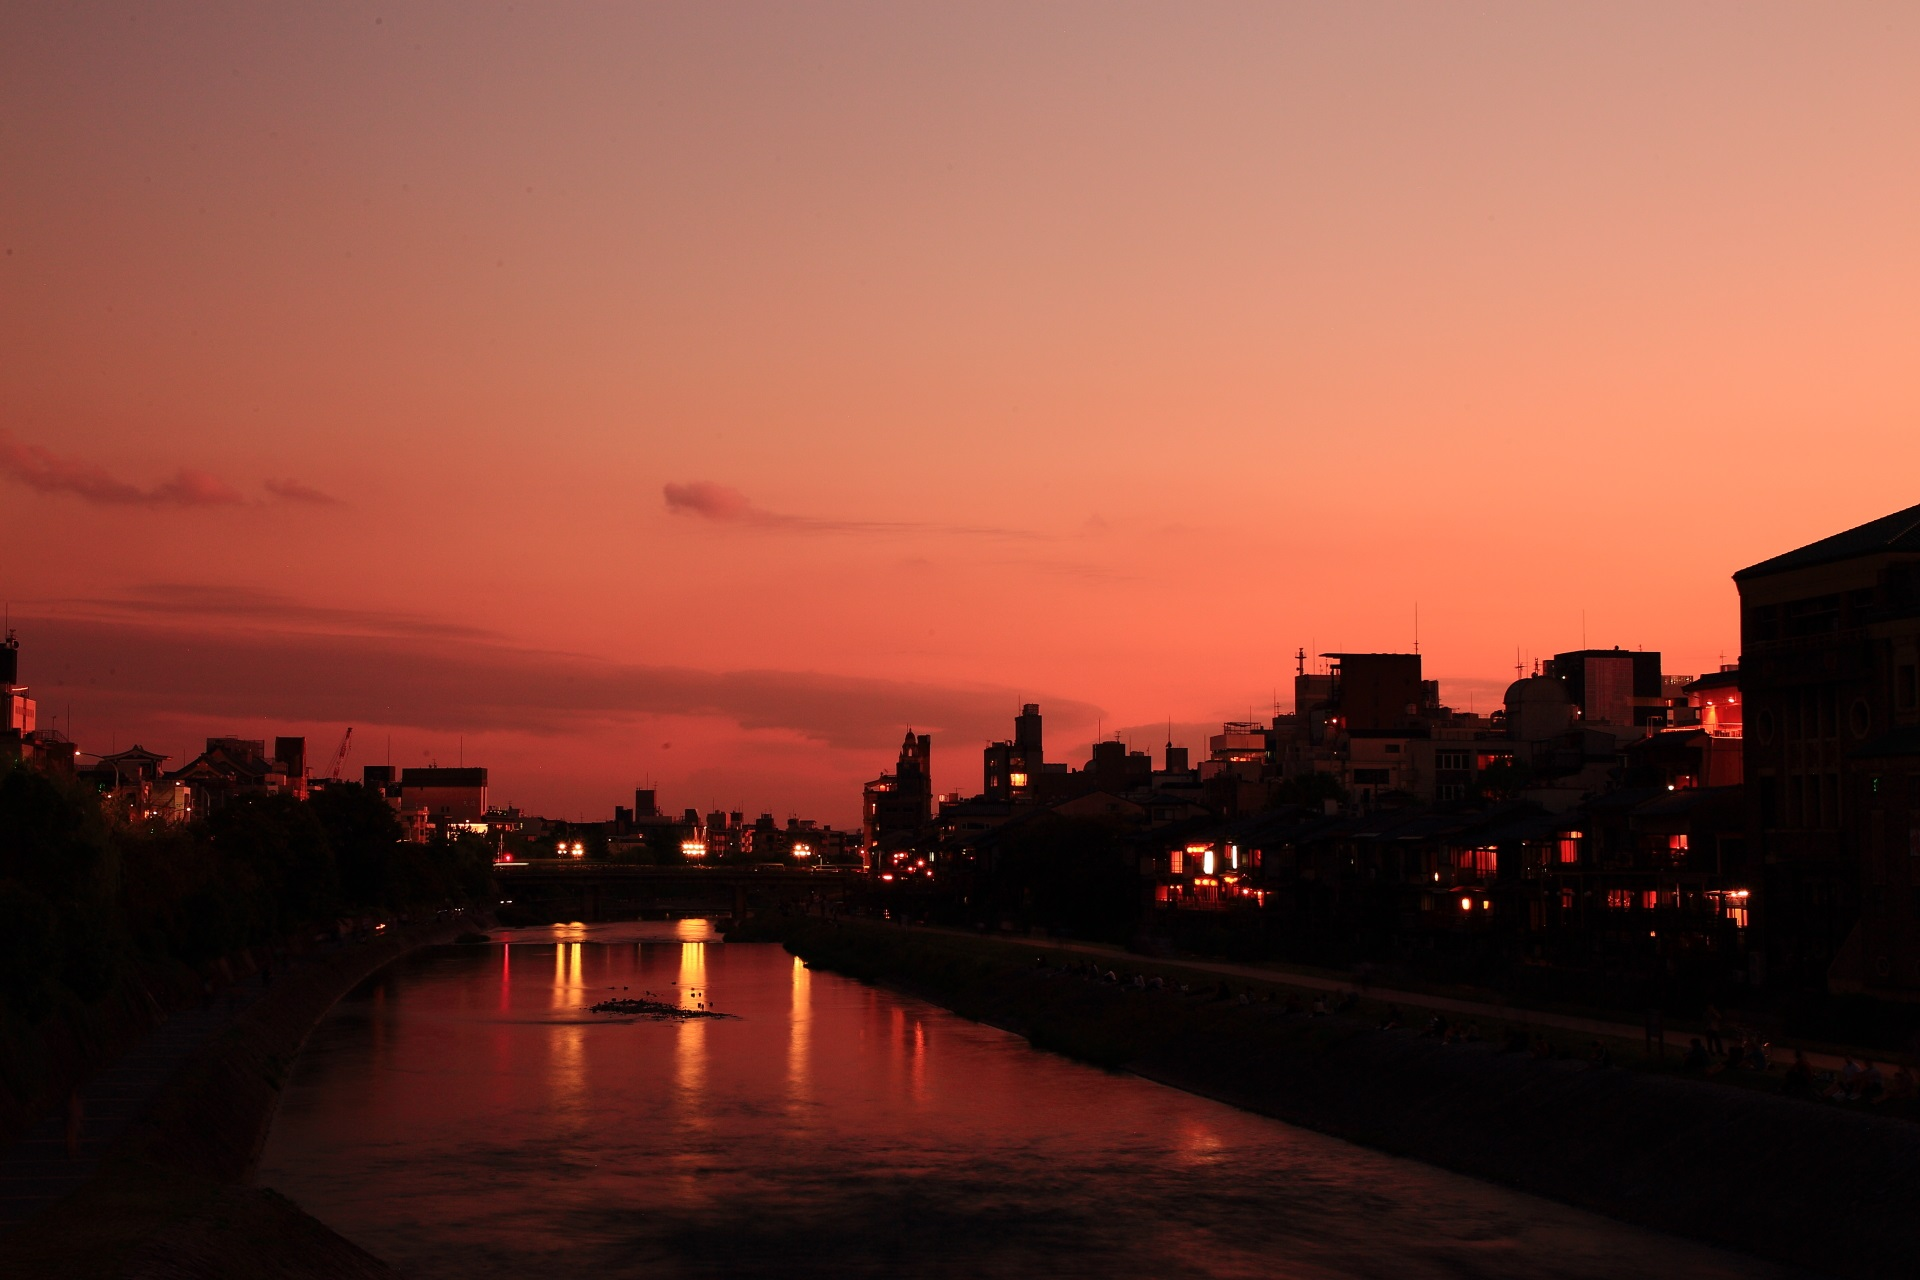 赤い夕焼けに染まる鴨川と街並み